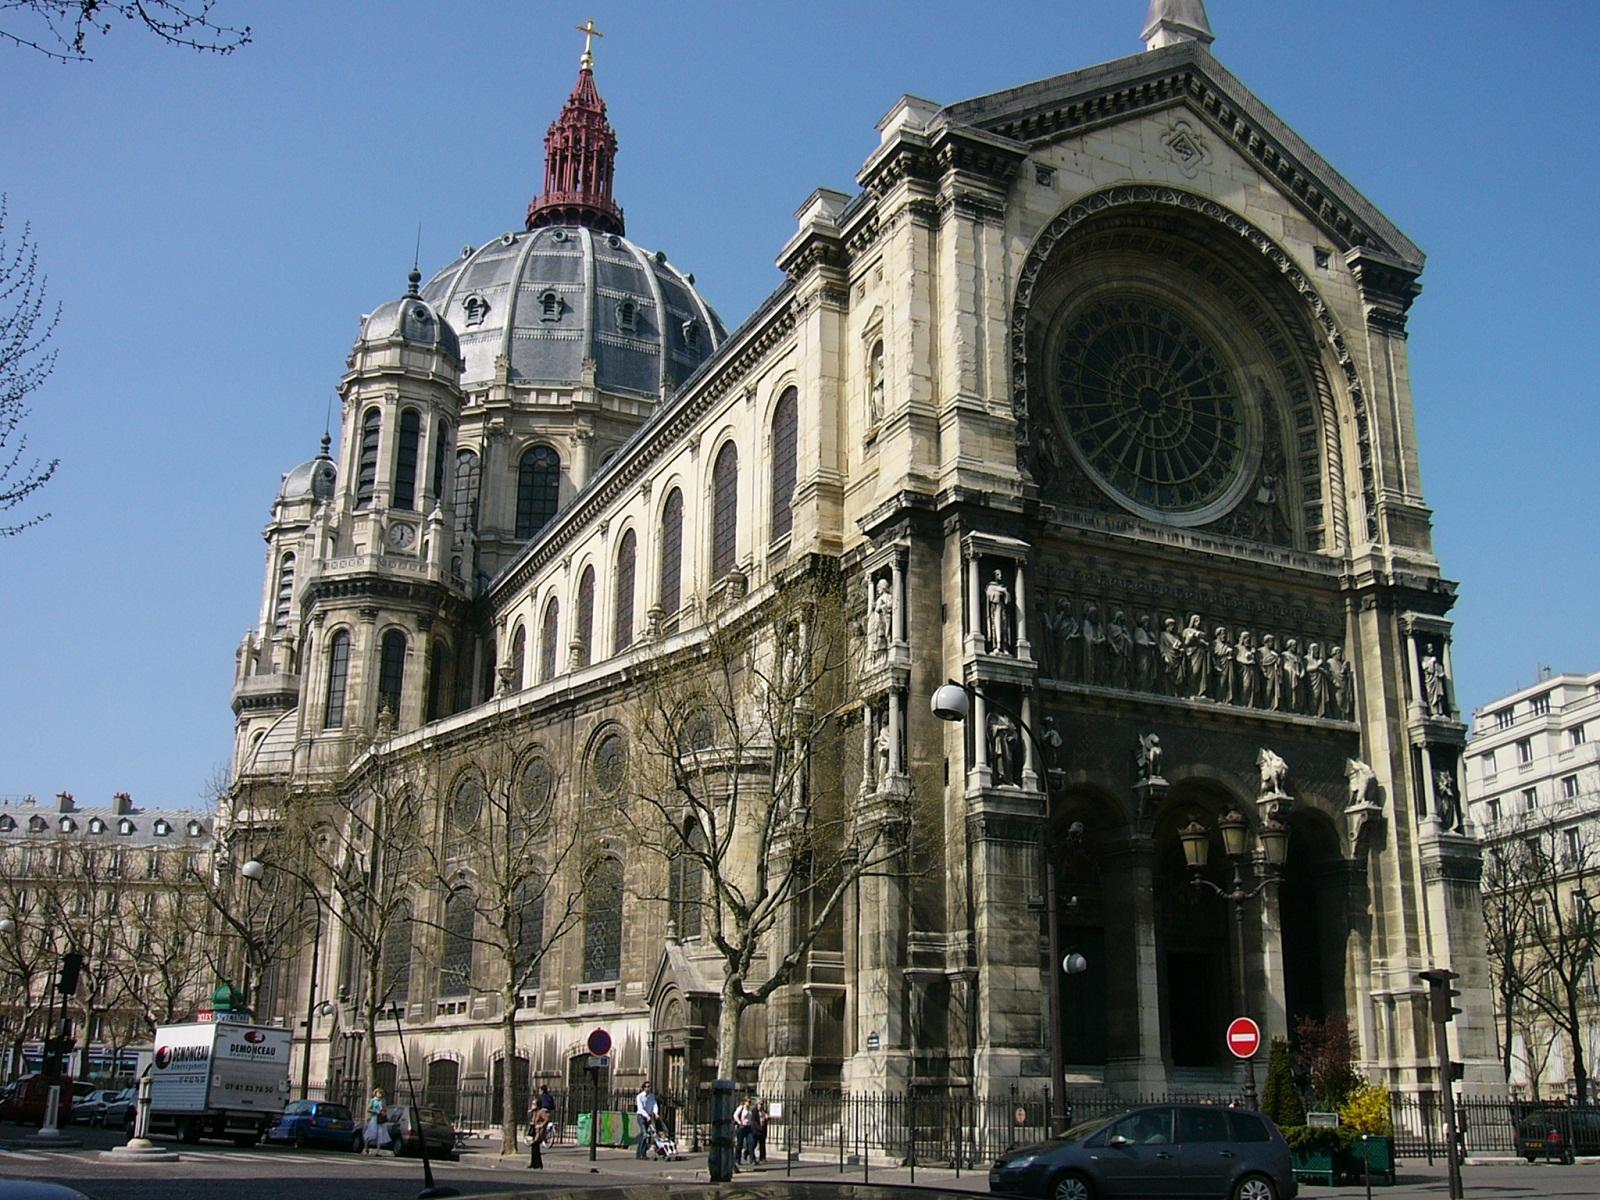 Kiến trúc xây dựng ROMAN Kiến trúc cổ điển là xu hướng kiến trúc đẳng cấp không lỗi thời ...